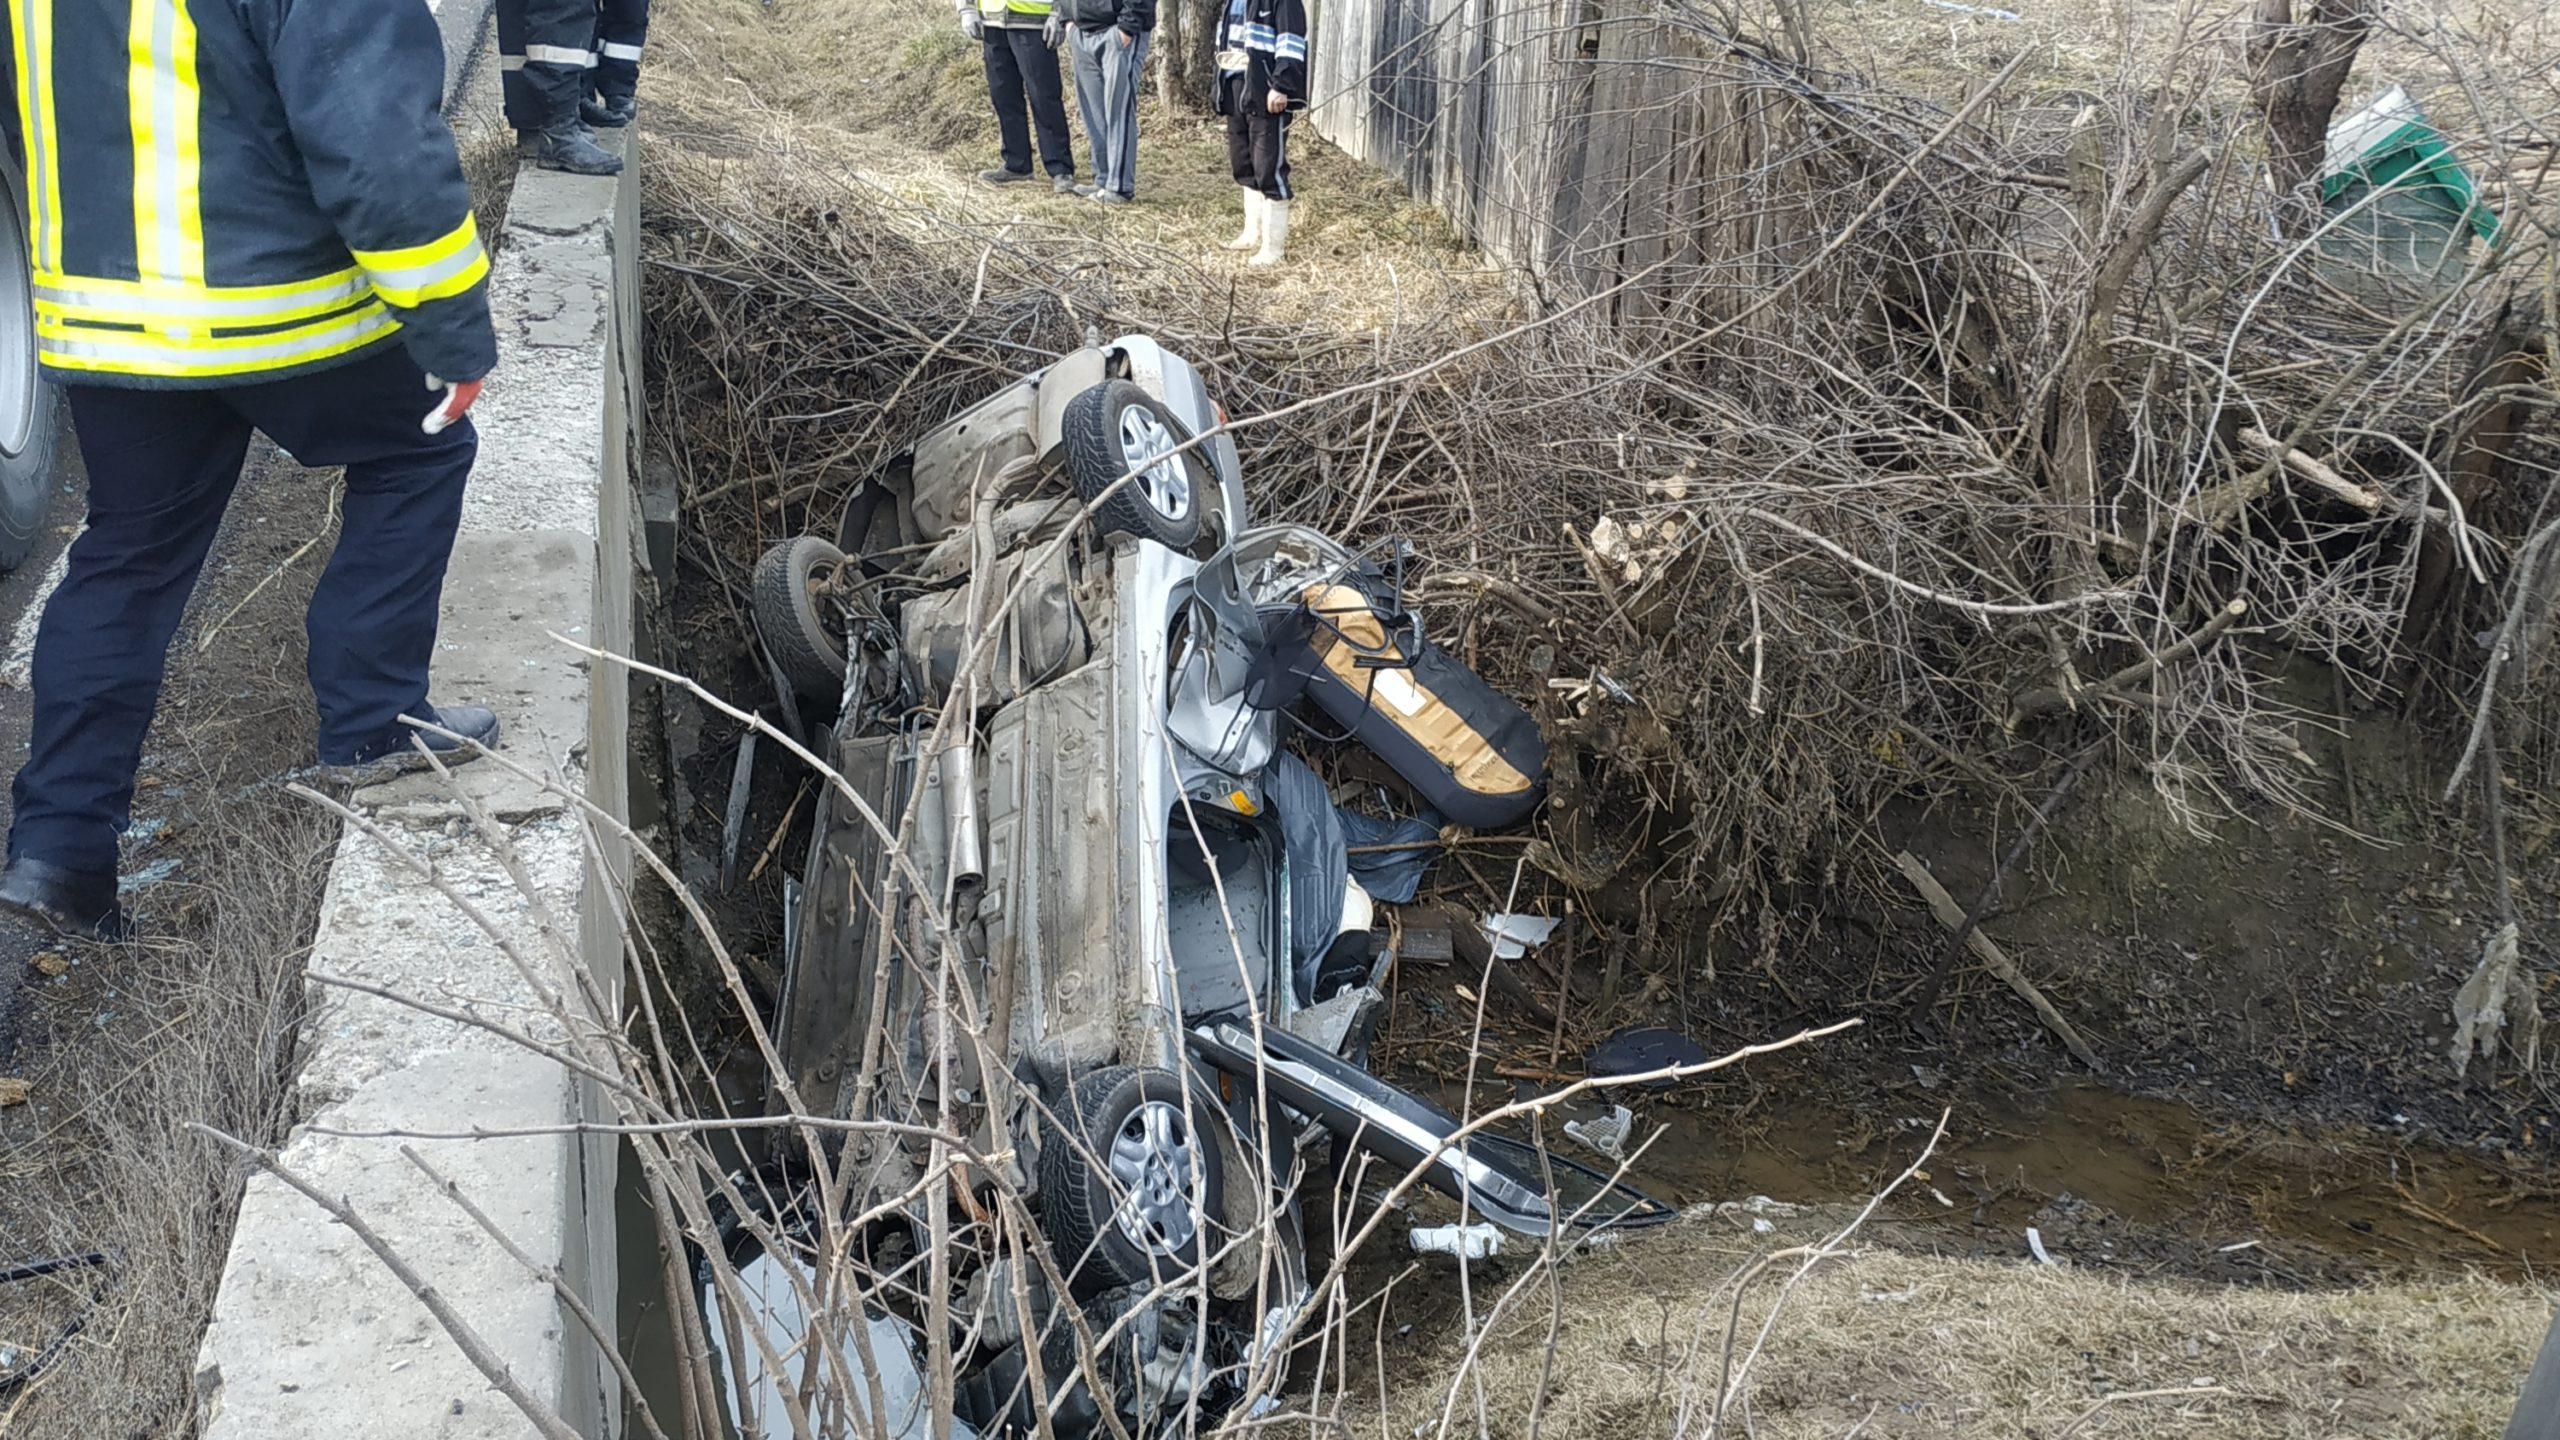 FOTO: A plonjat cu mașină într-un canal, accident în Podiș județul Bacău